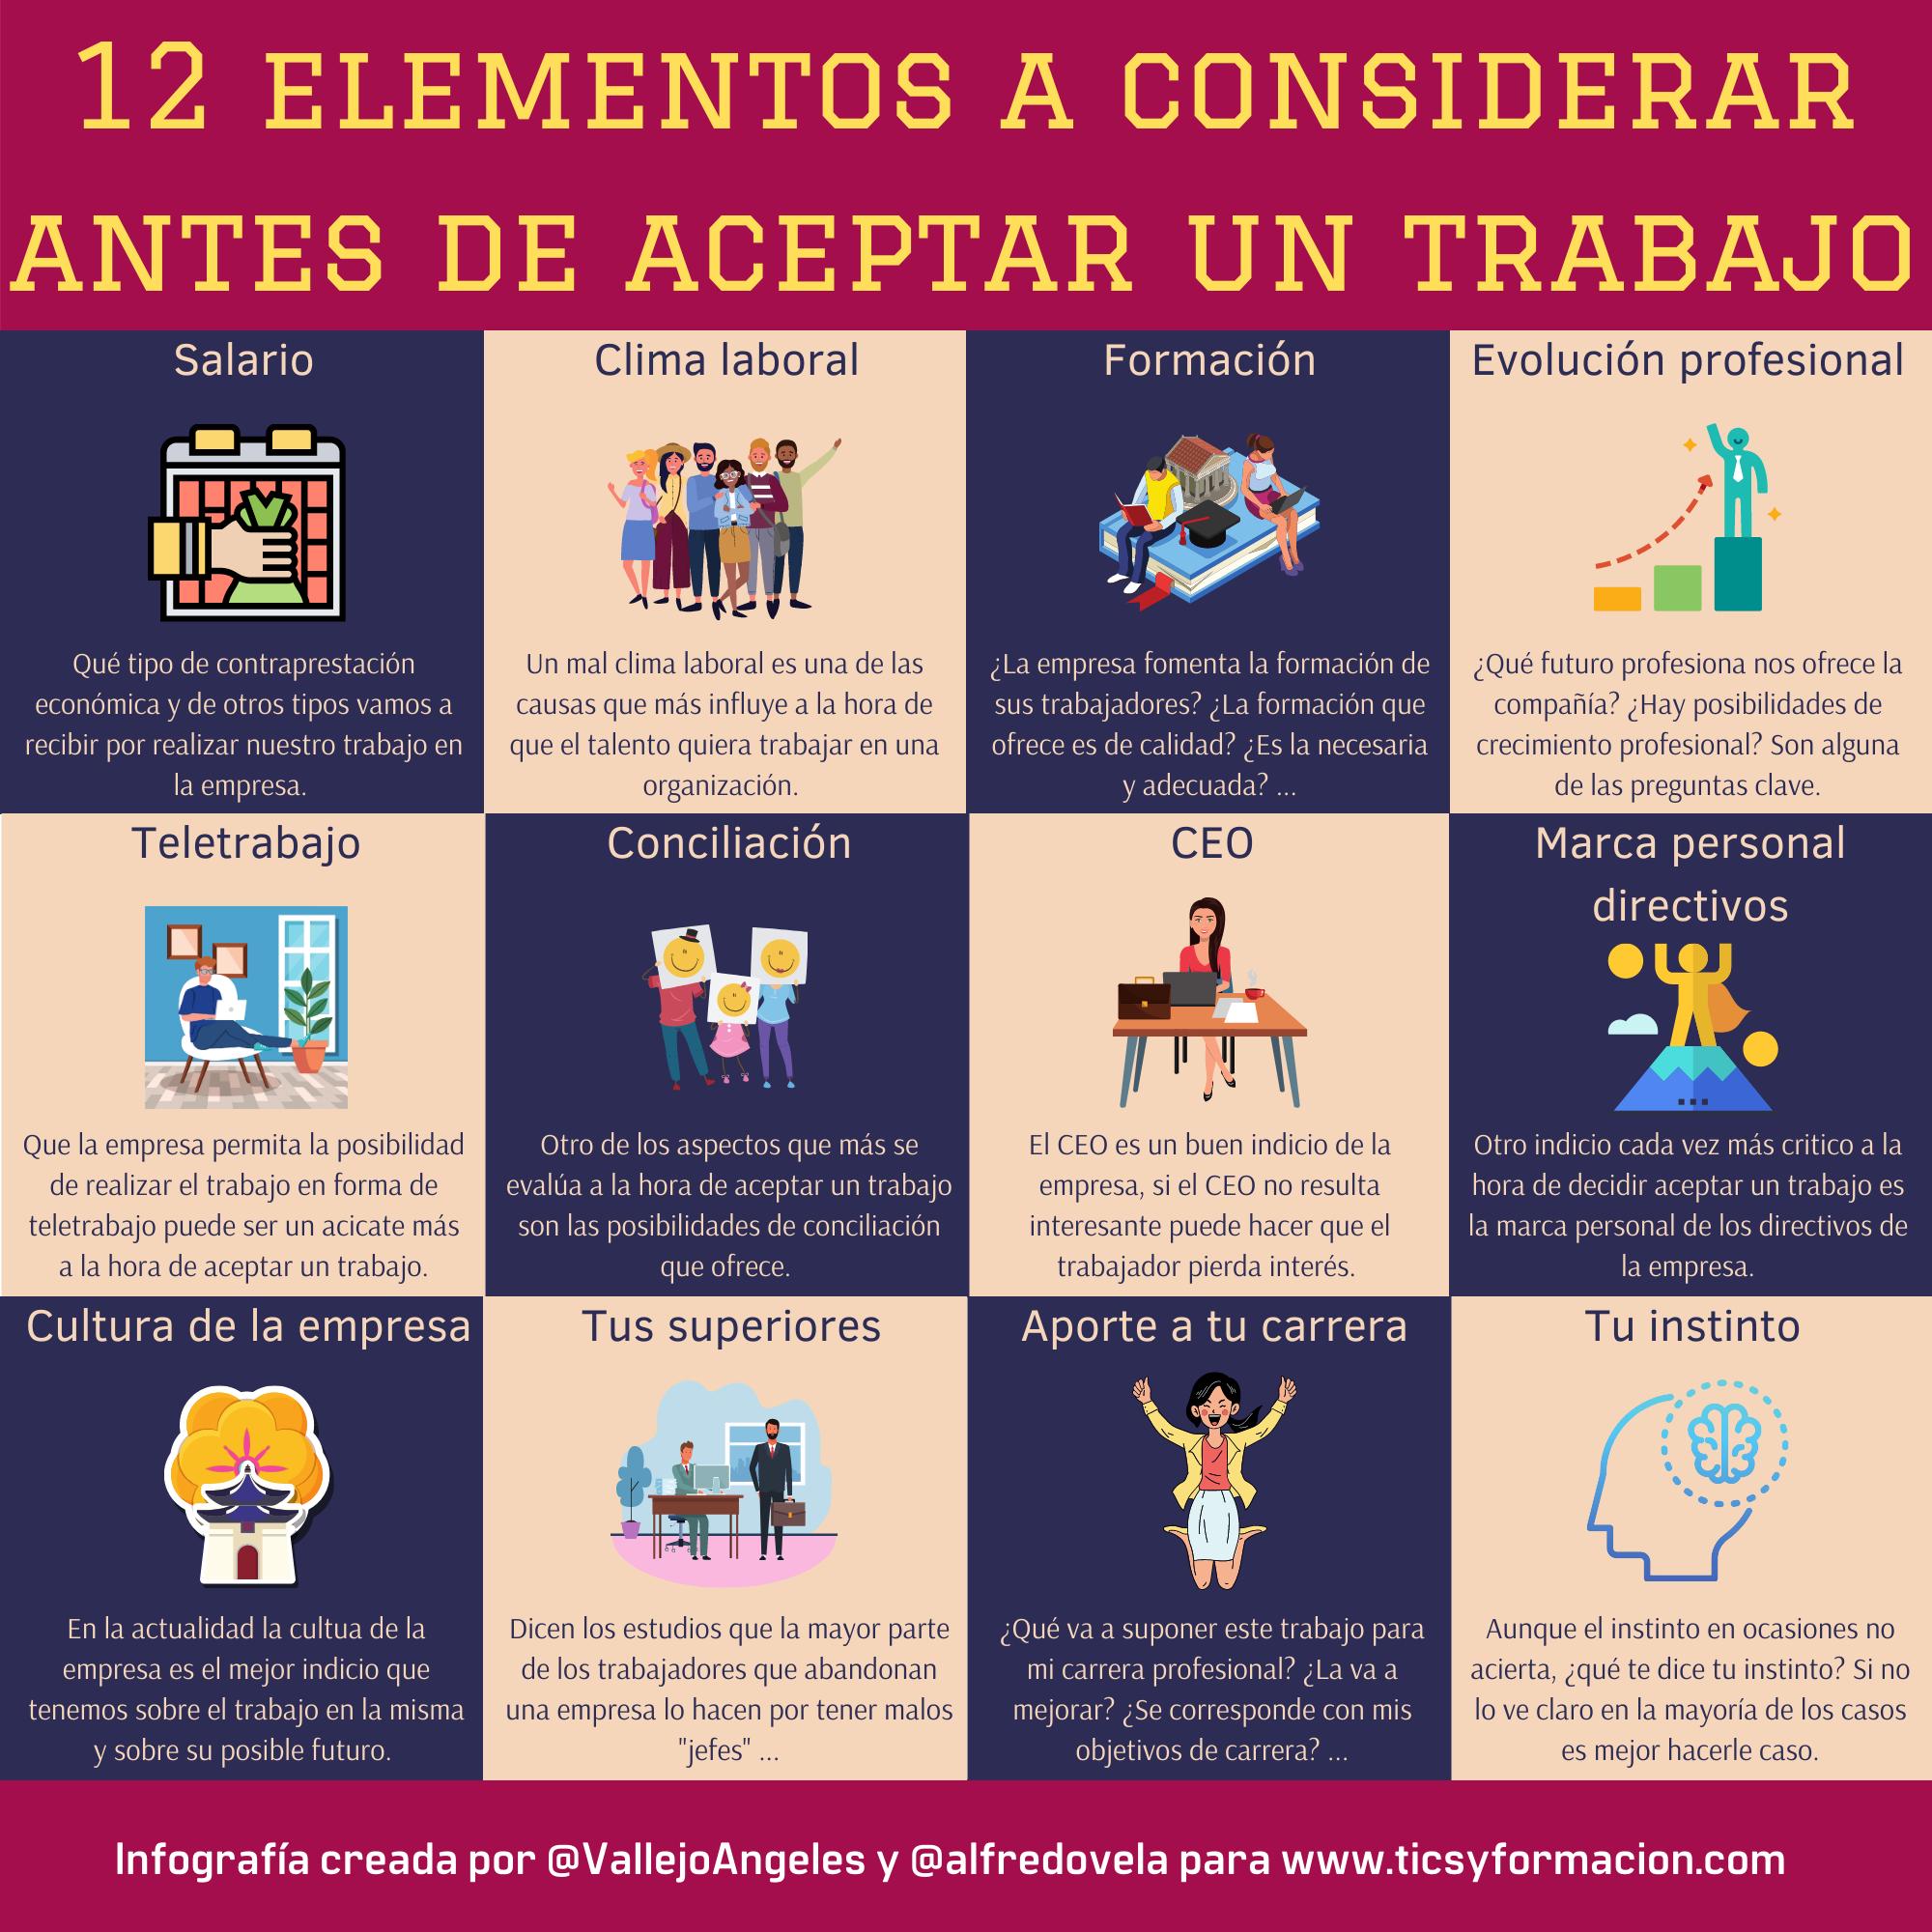 12 elementos a considerar antes de aceptar un trabajo #infografia #infographic #FOL #RRHH